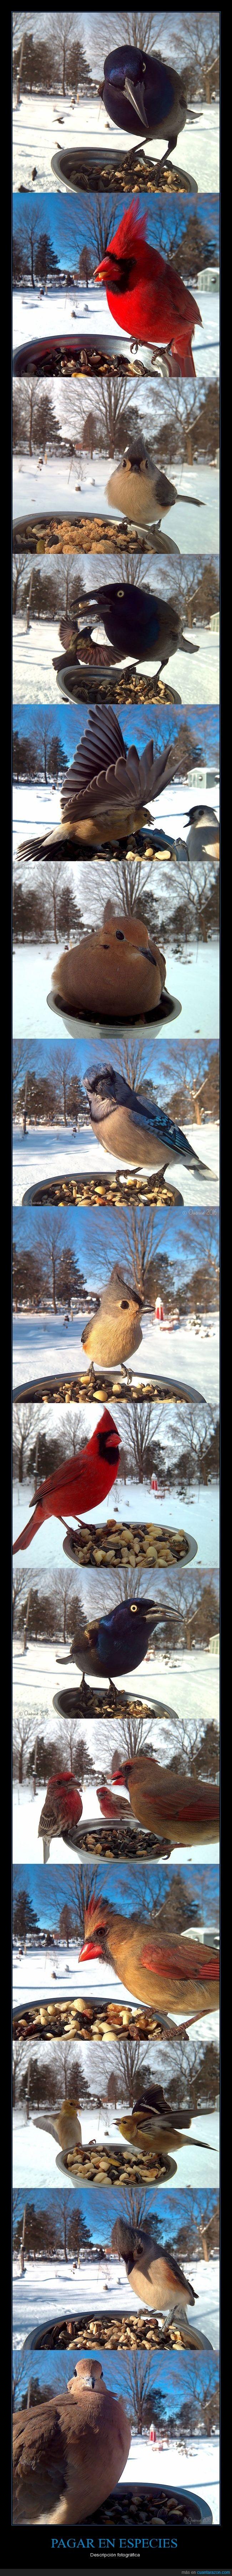 aves,comida,exóticos,fotografiar,pájaros